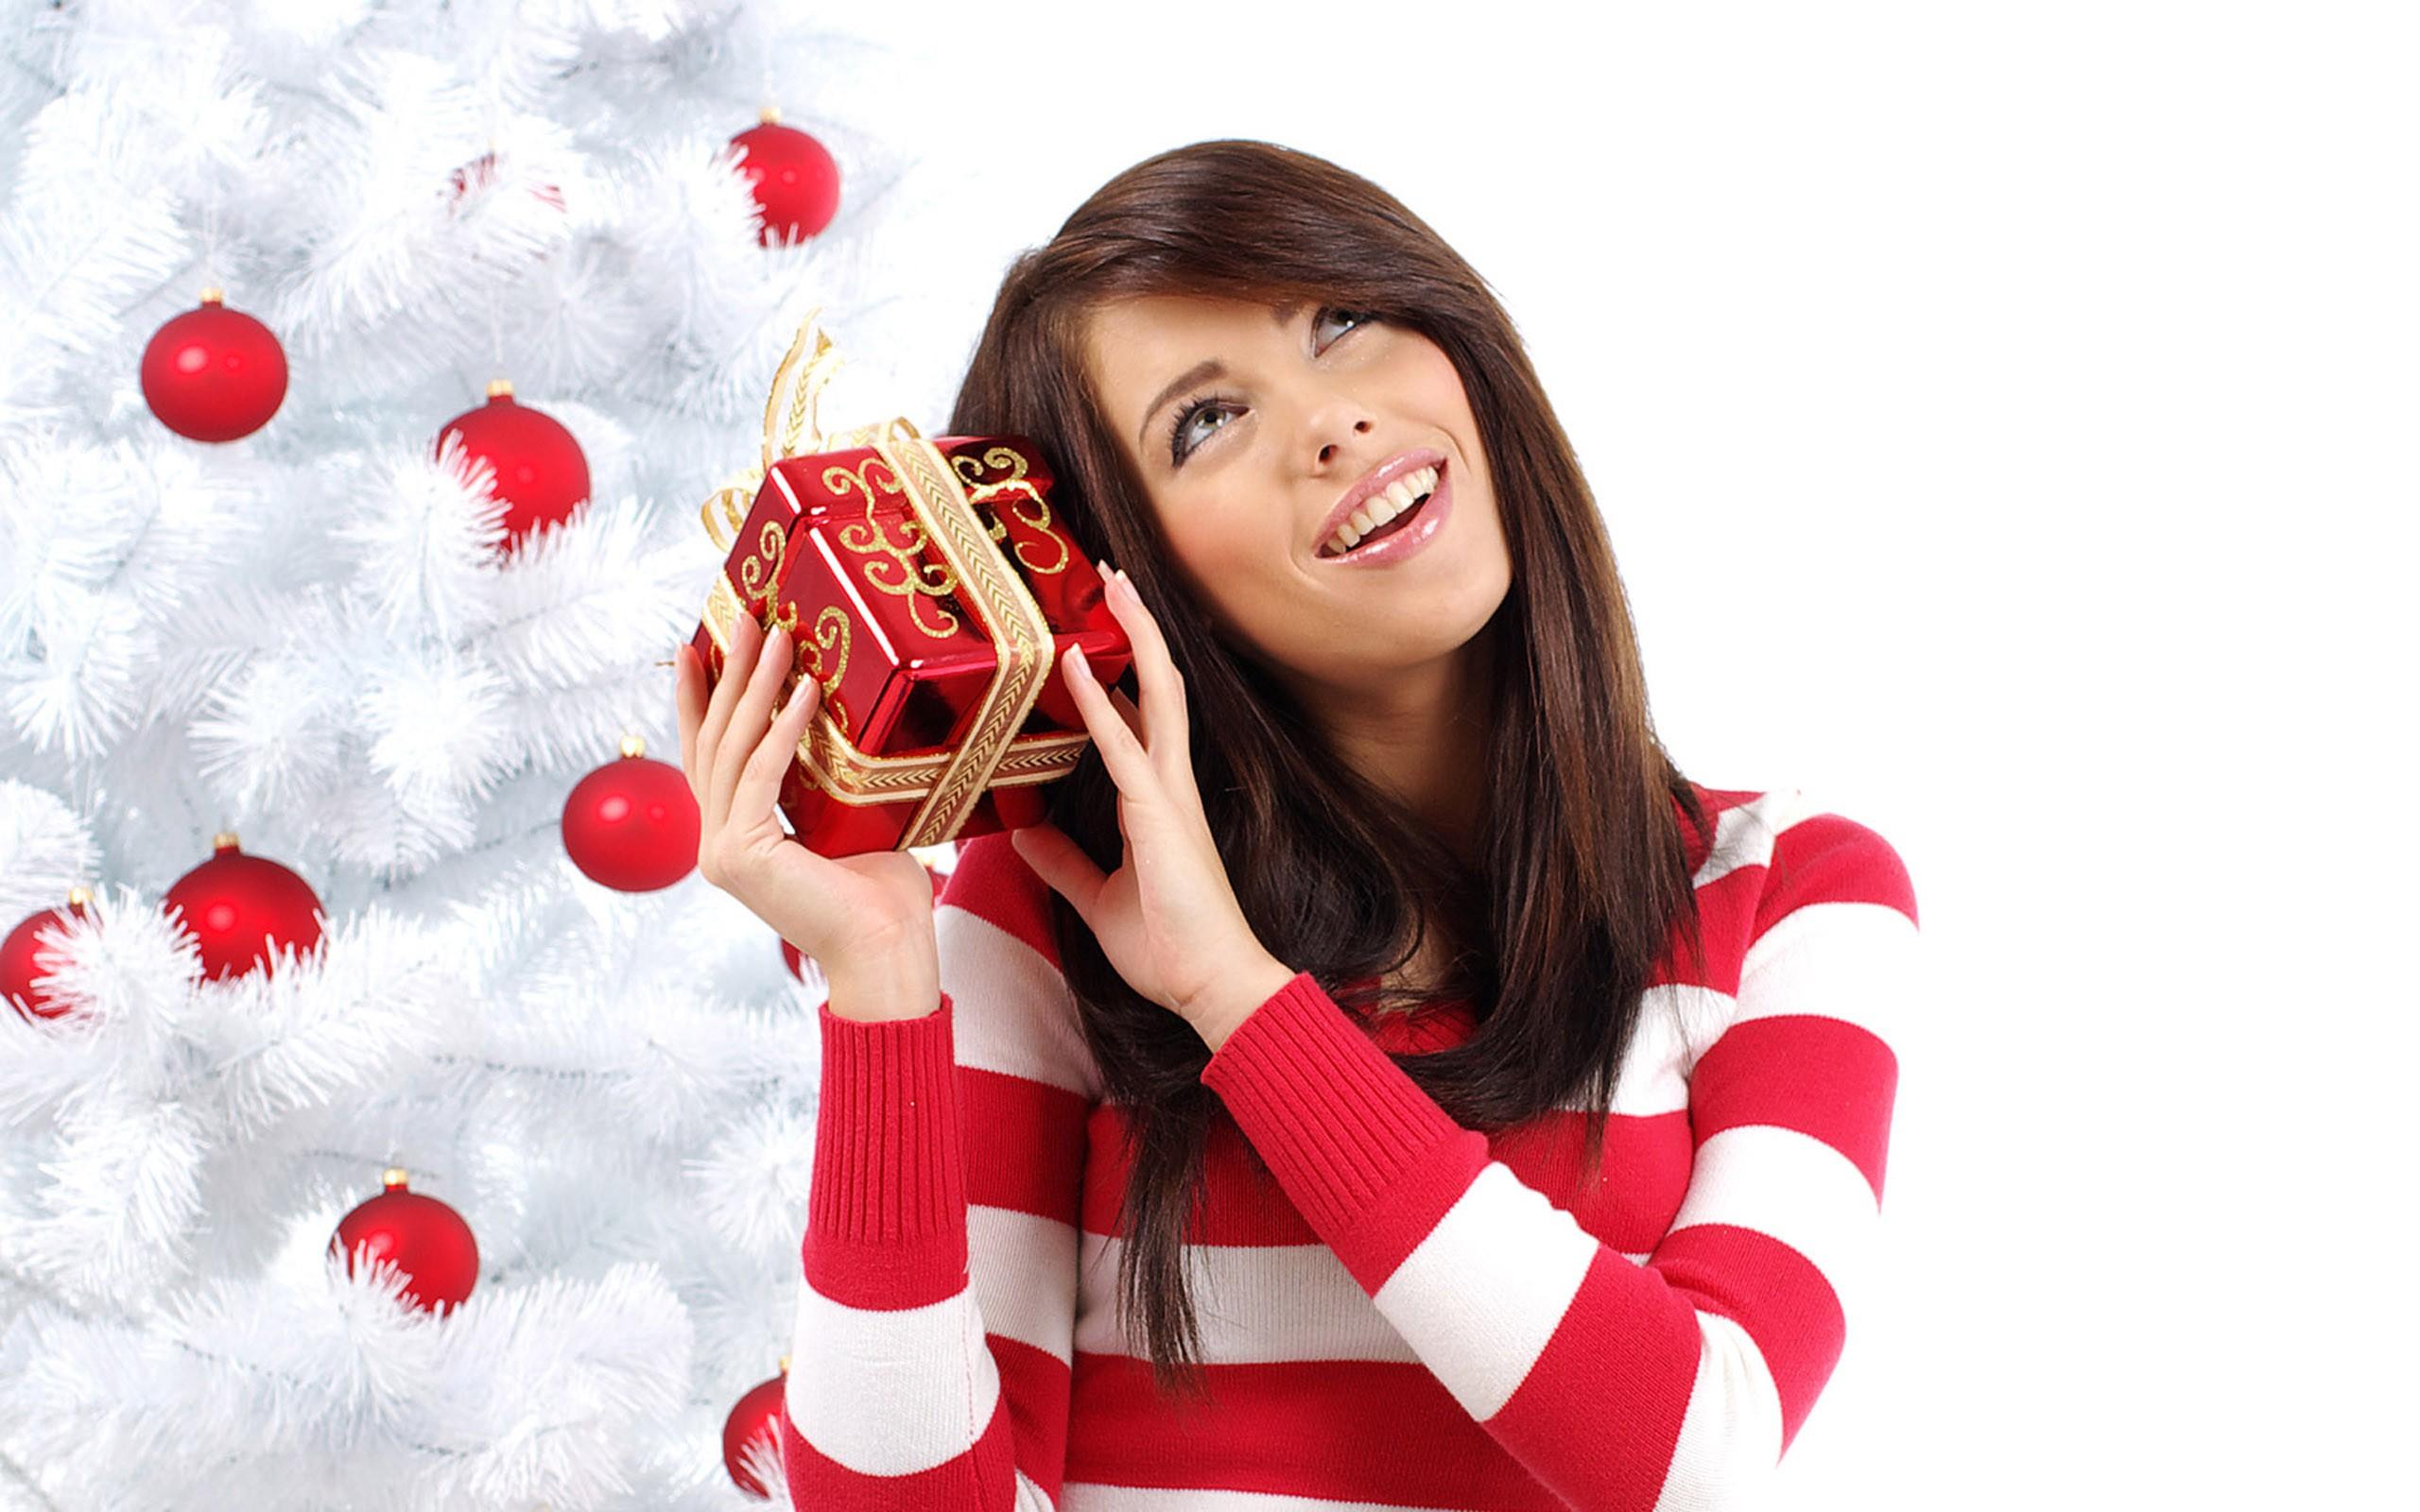 Bella mujer con regalo para navidad - 2560x1600